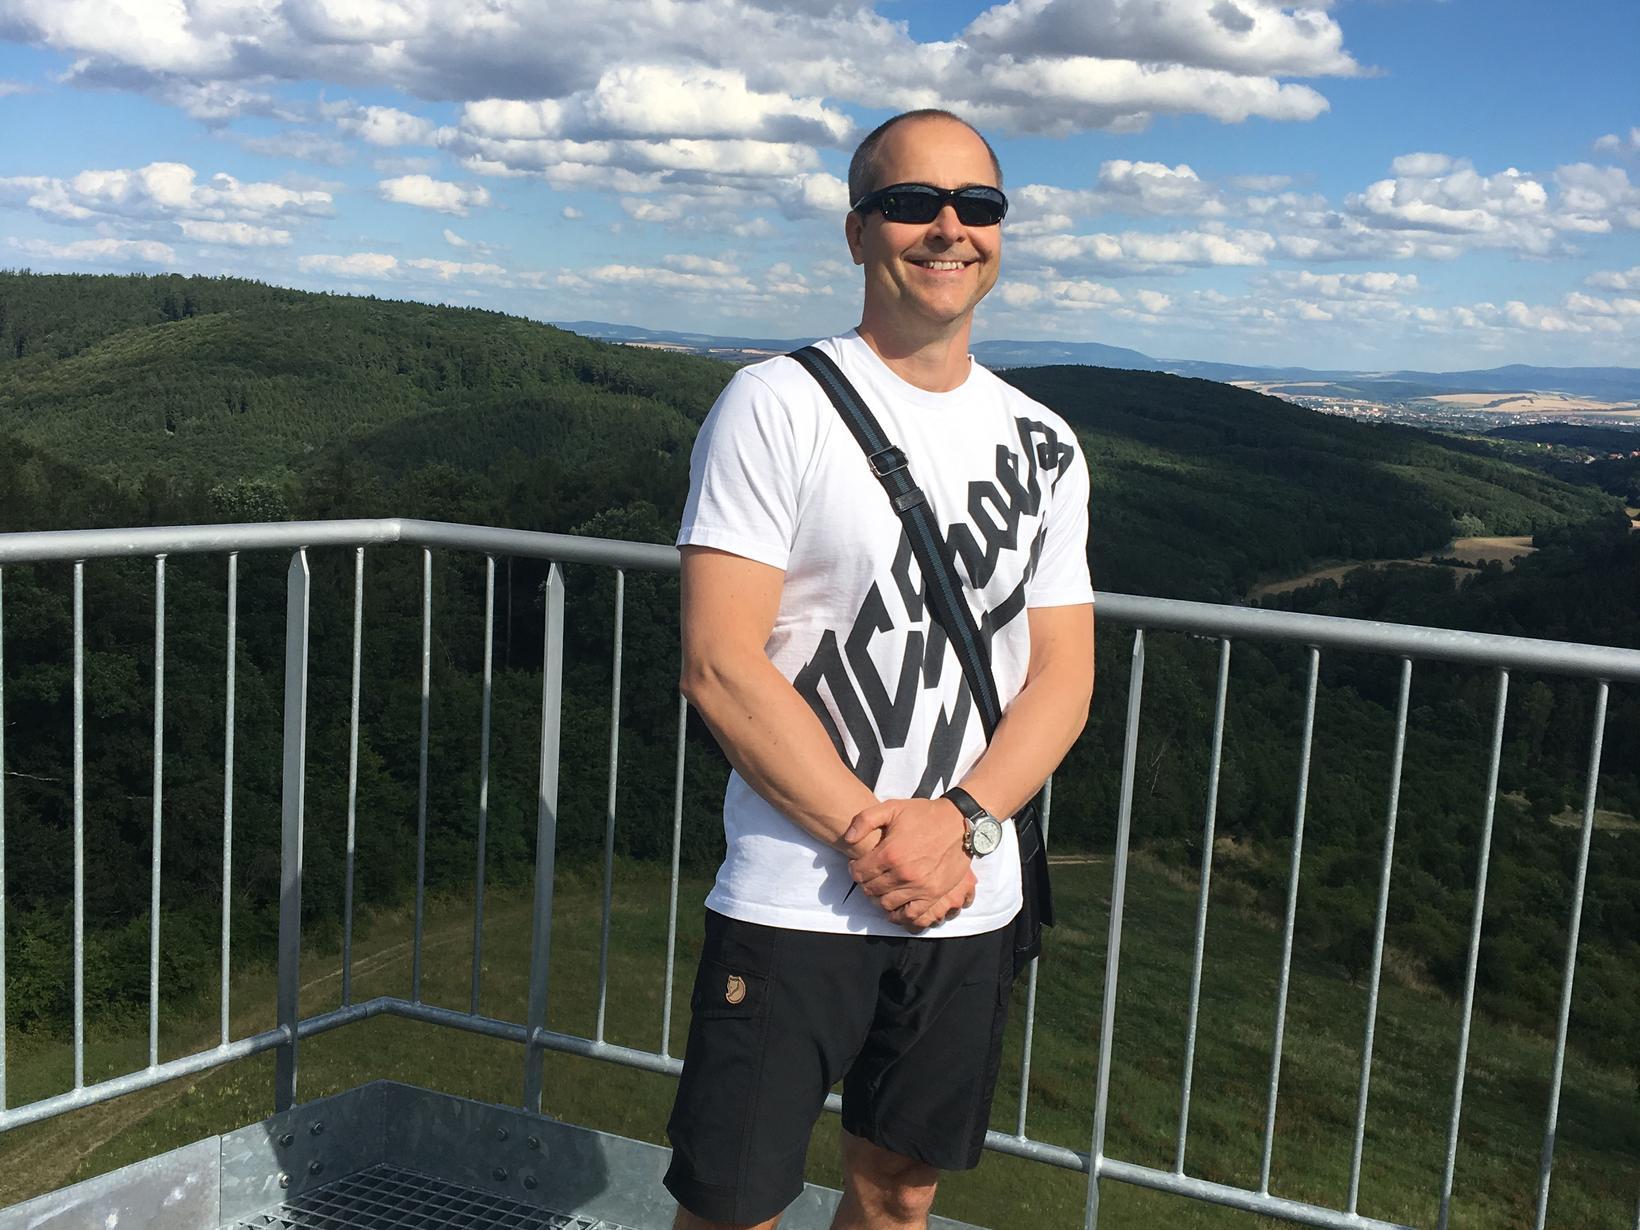 Jiri from Brno, Czech Republic